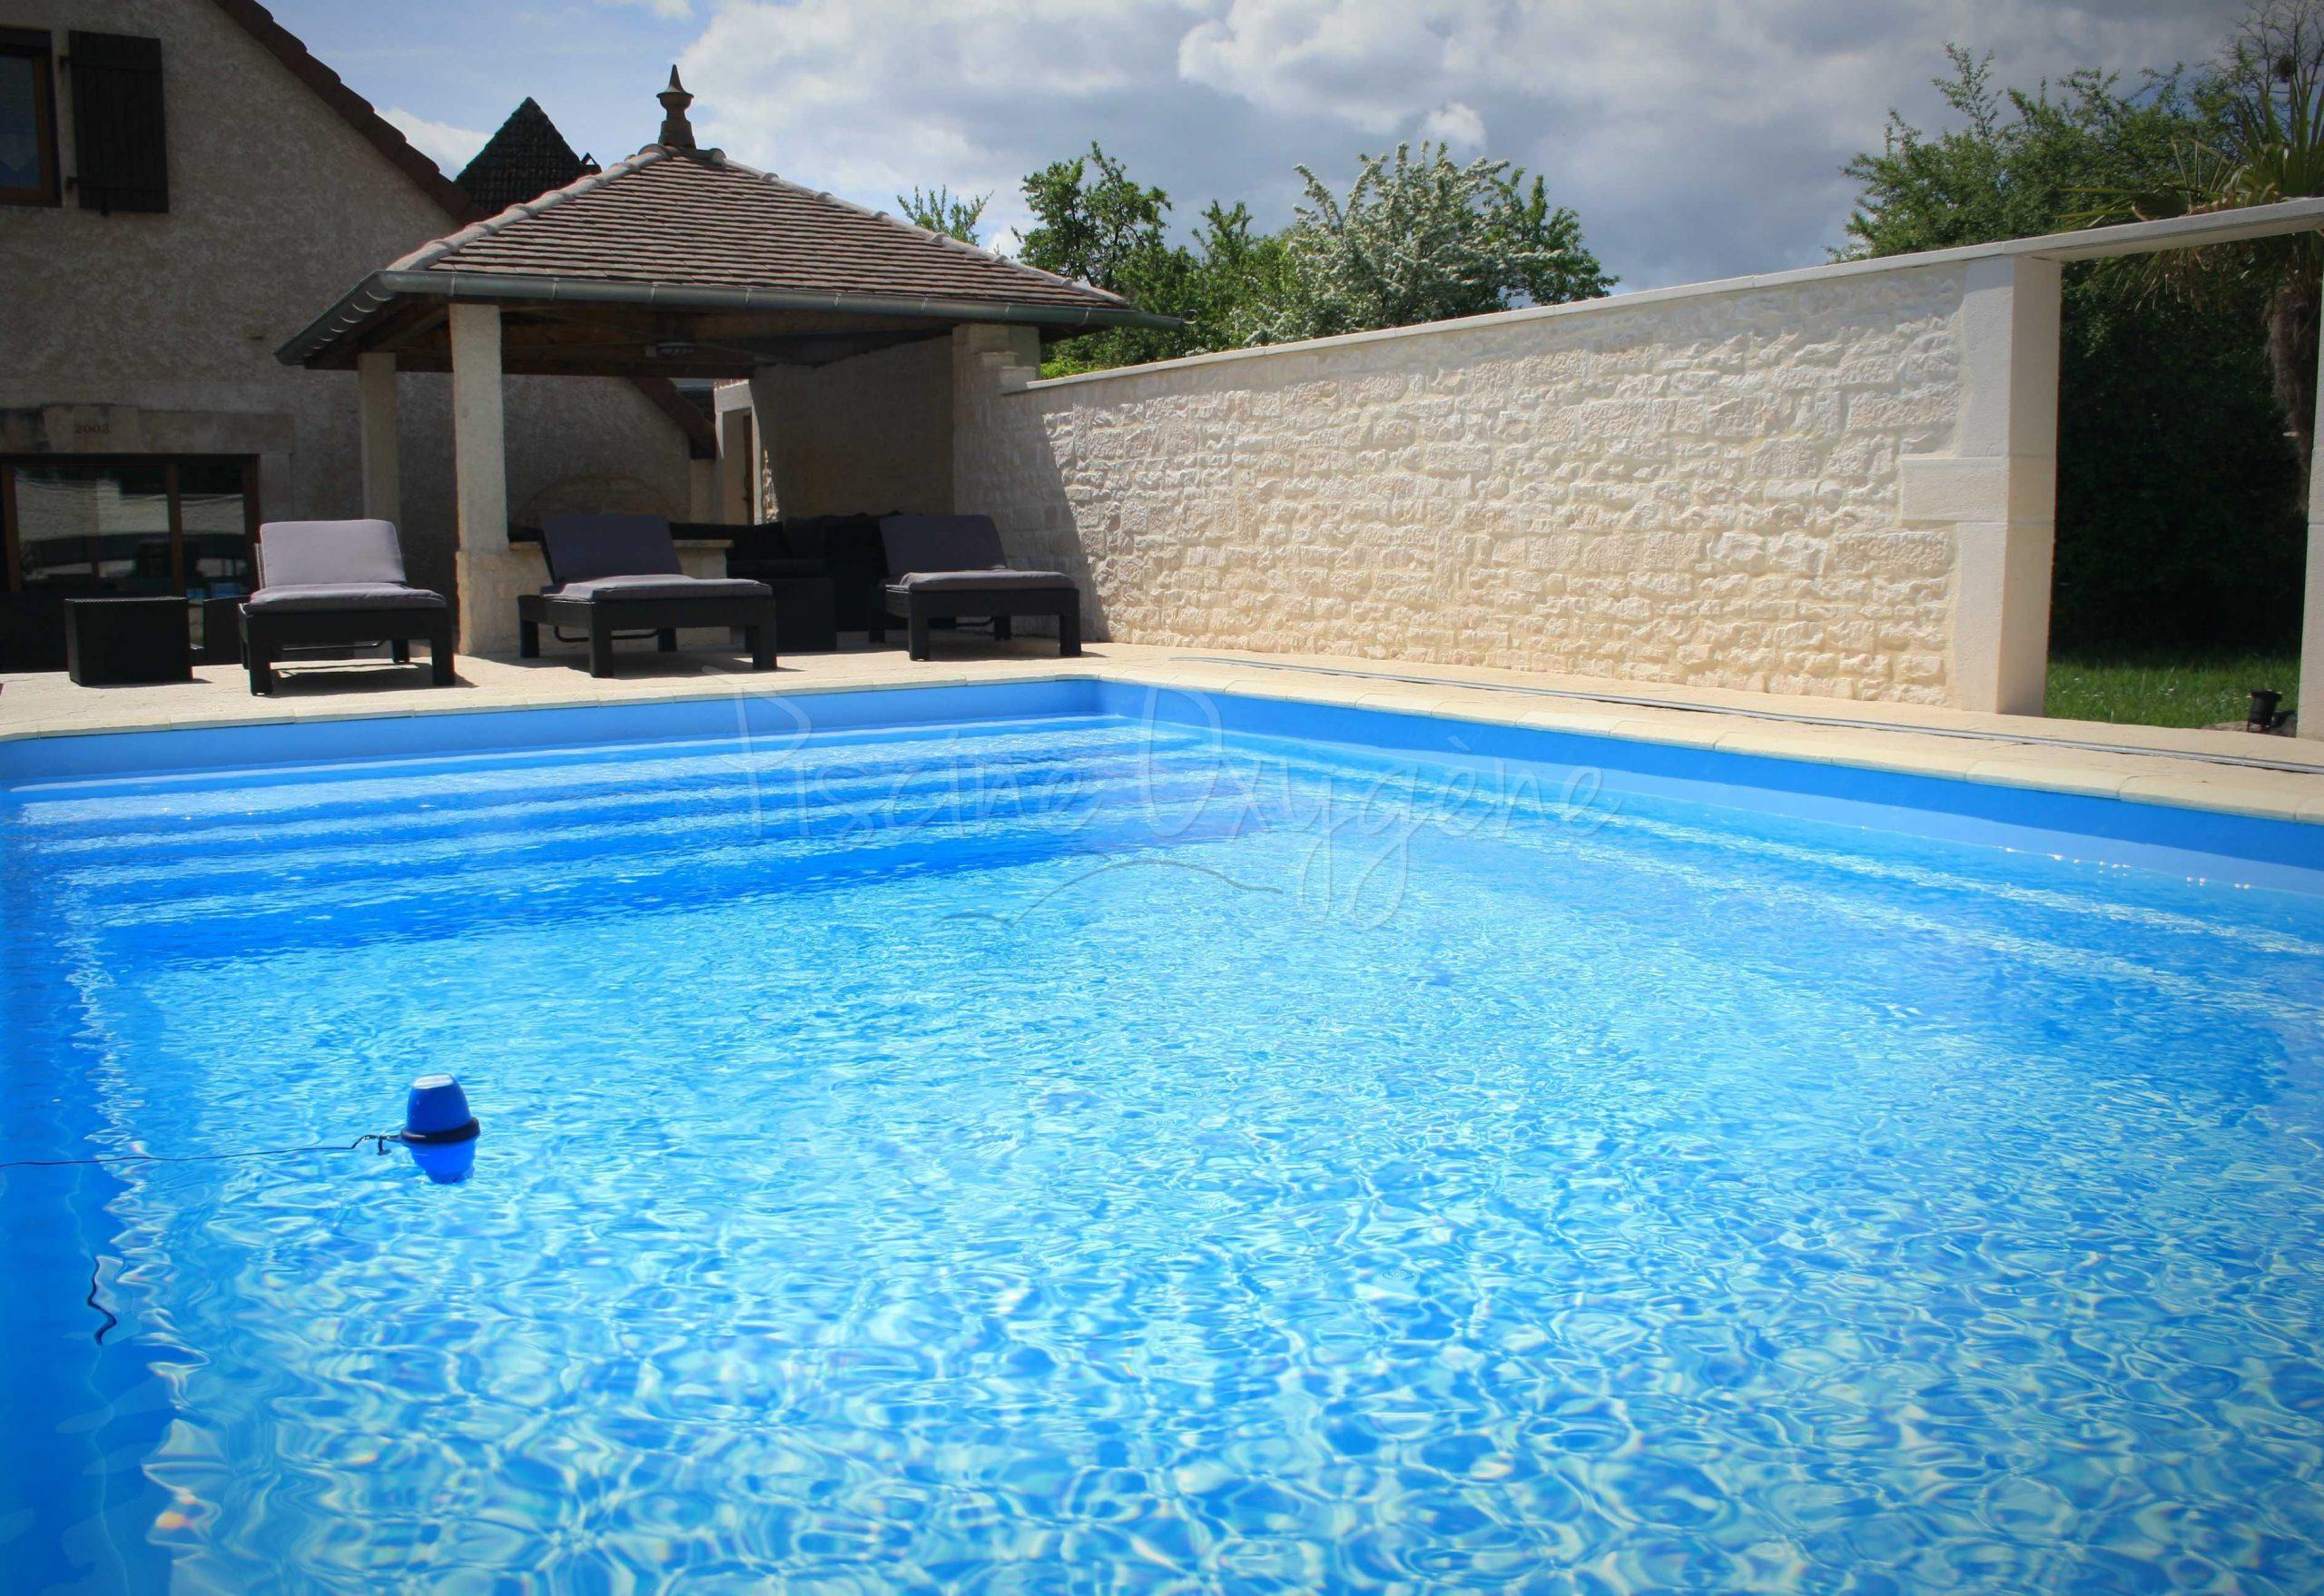 Analyse De L'eau Temps Réel Avec Le Blue Connect + ... dedans Analyse Eau Piscine